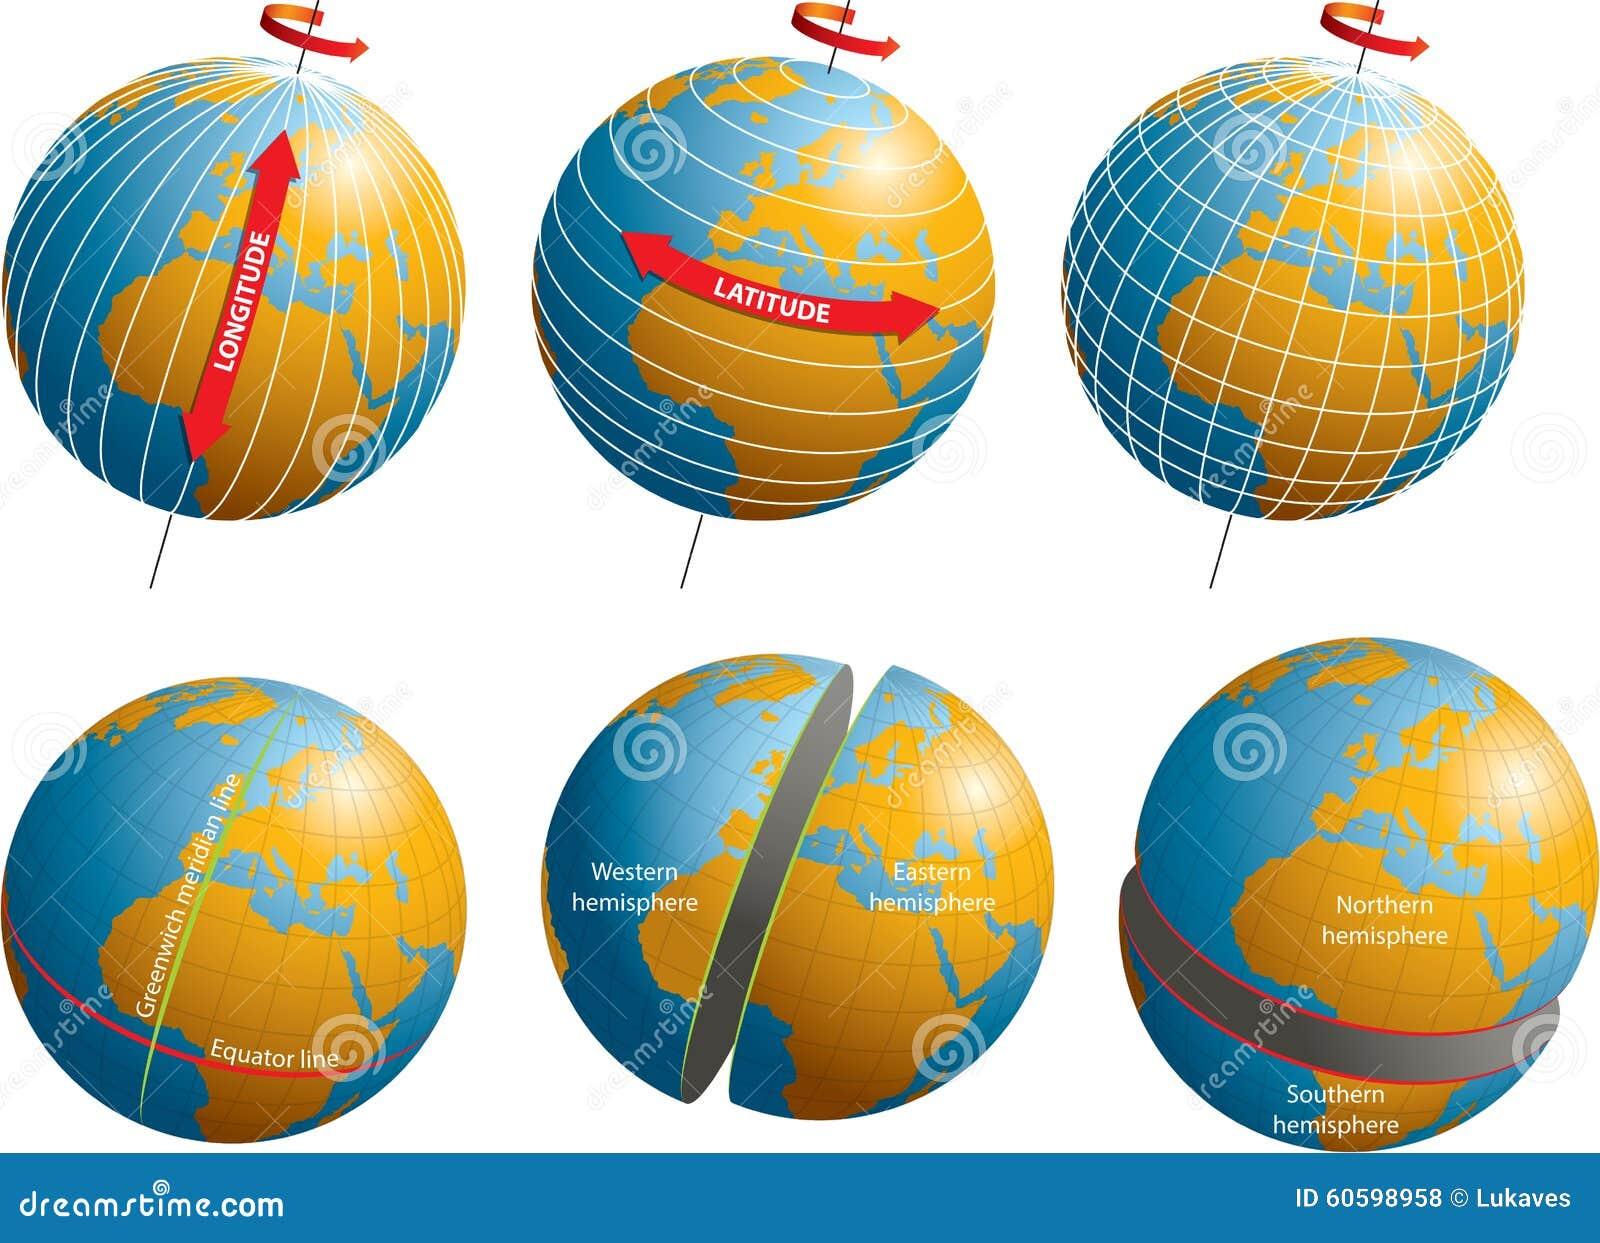 Latitude Longitude Stock Illustration Image 60598958